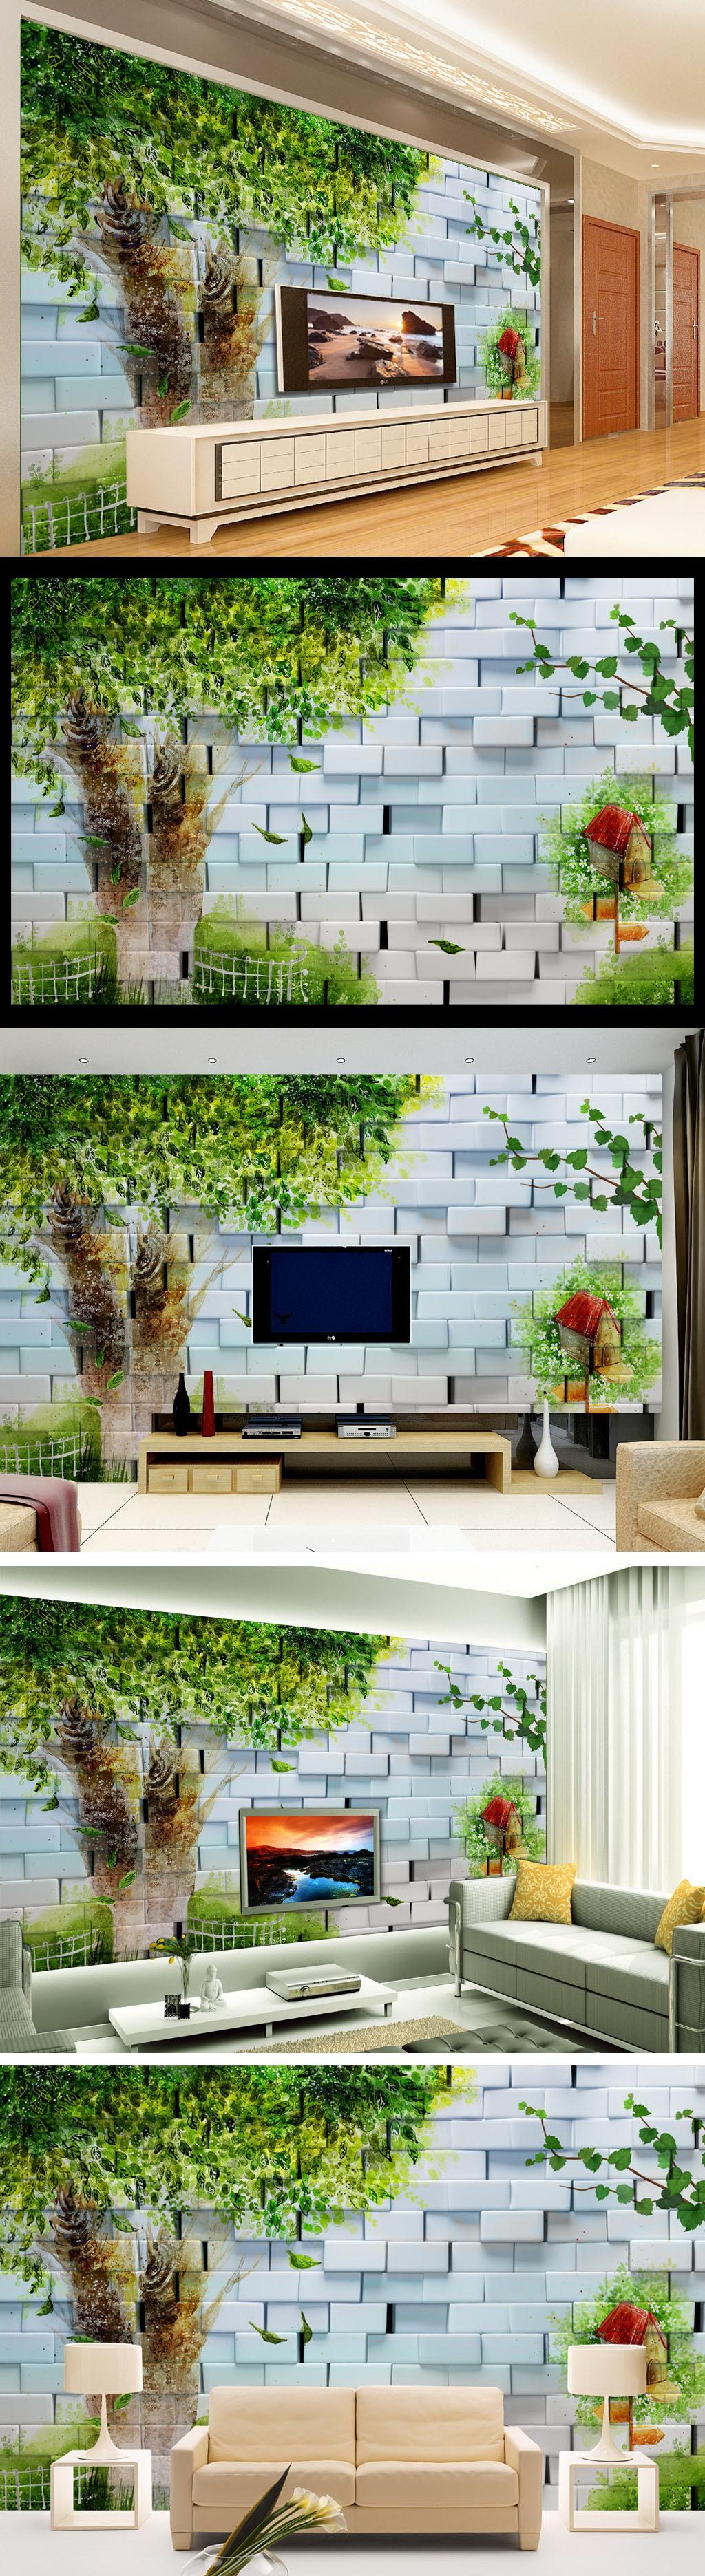 手绘大树唯美3d电视背景墙装饰画